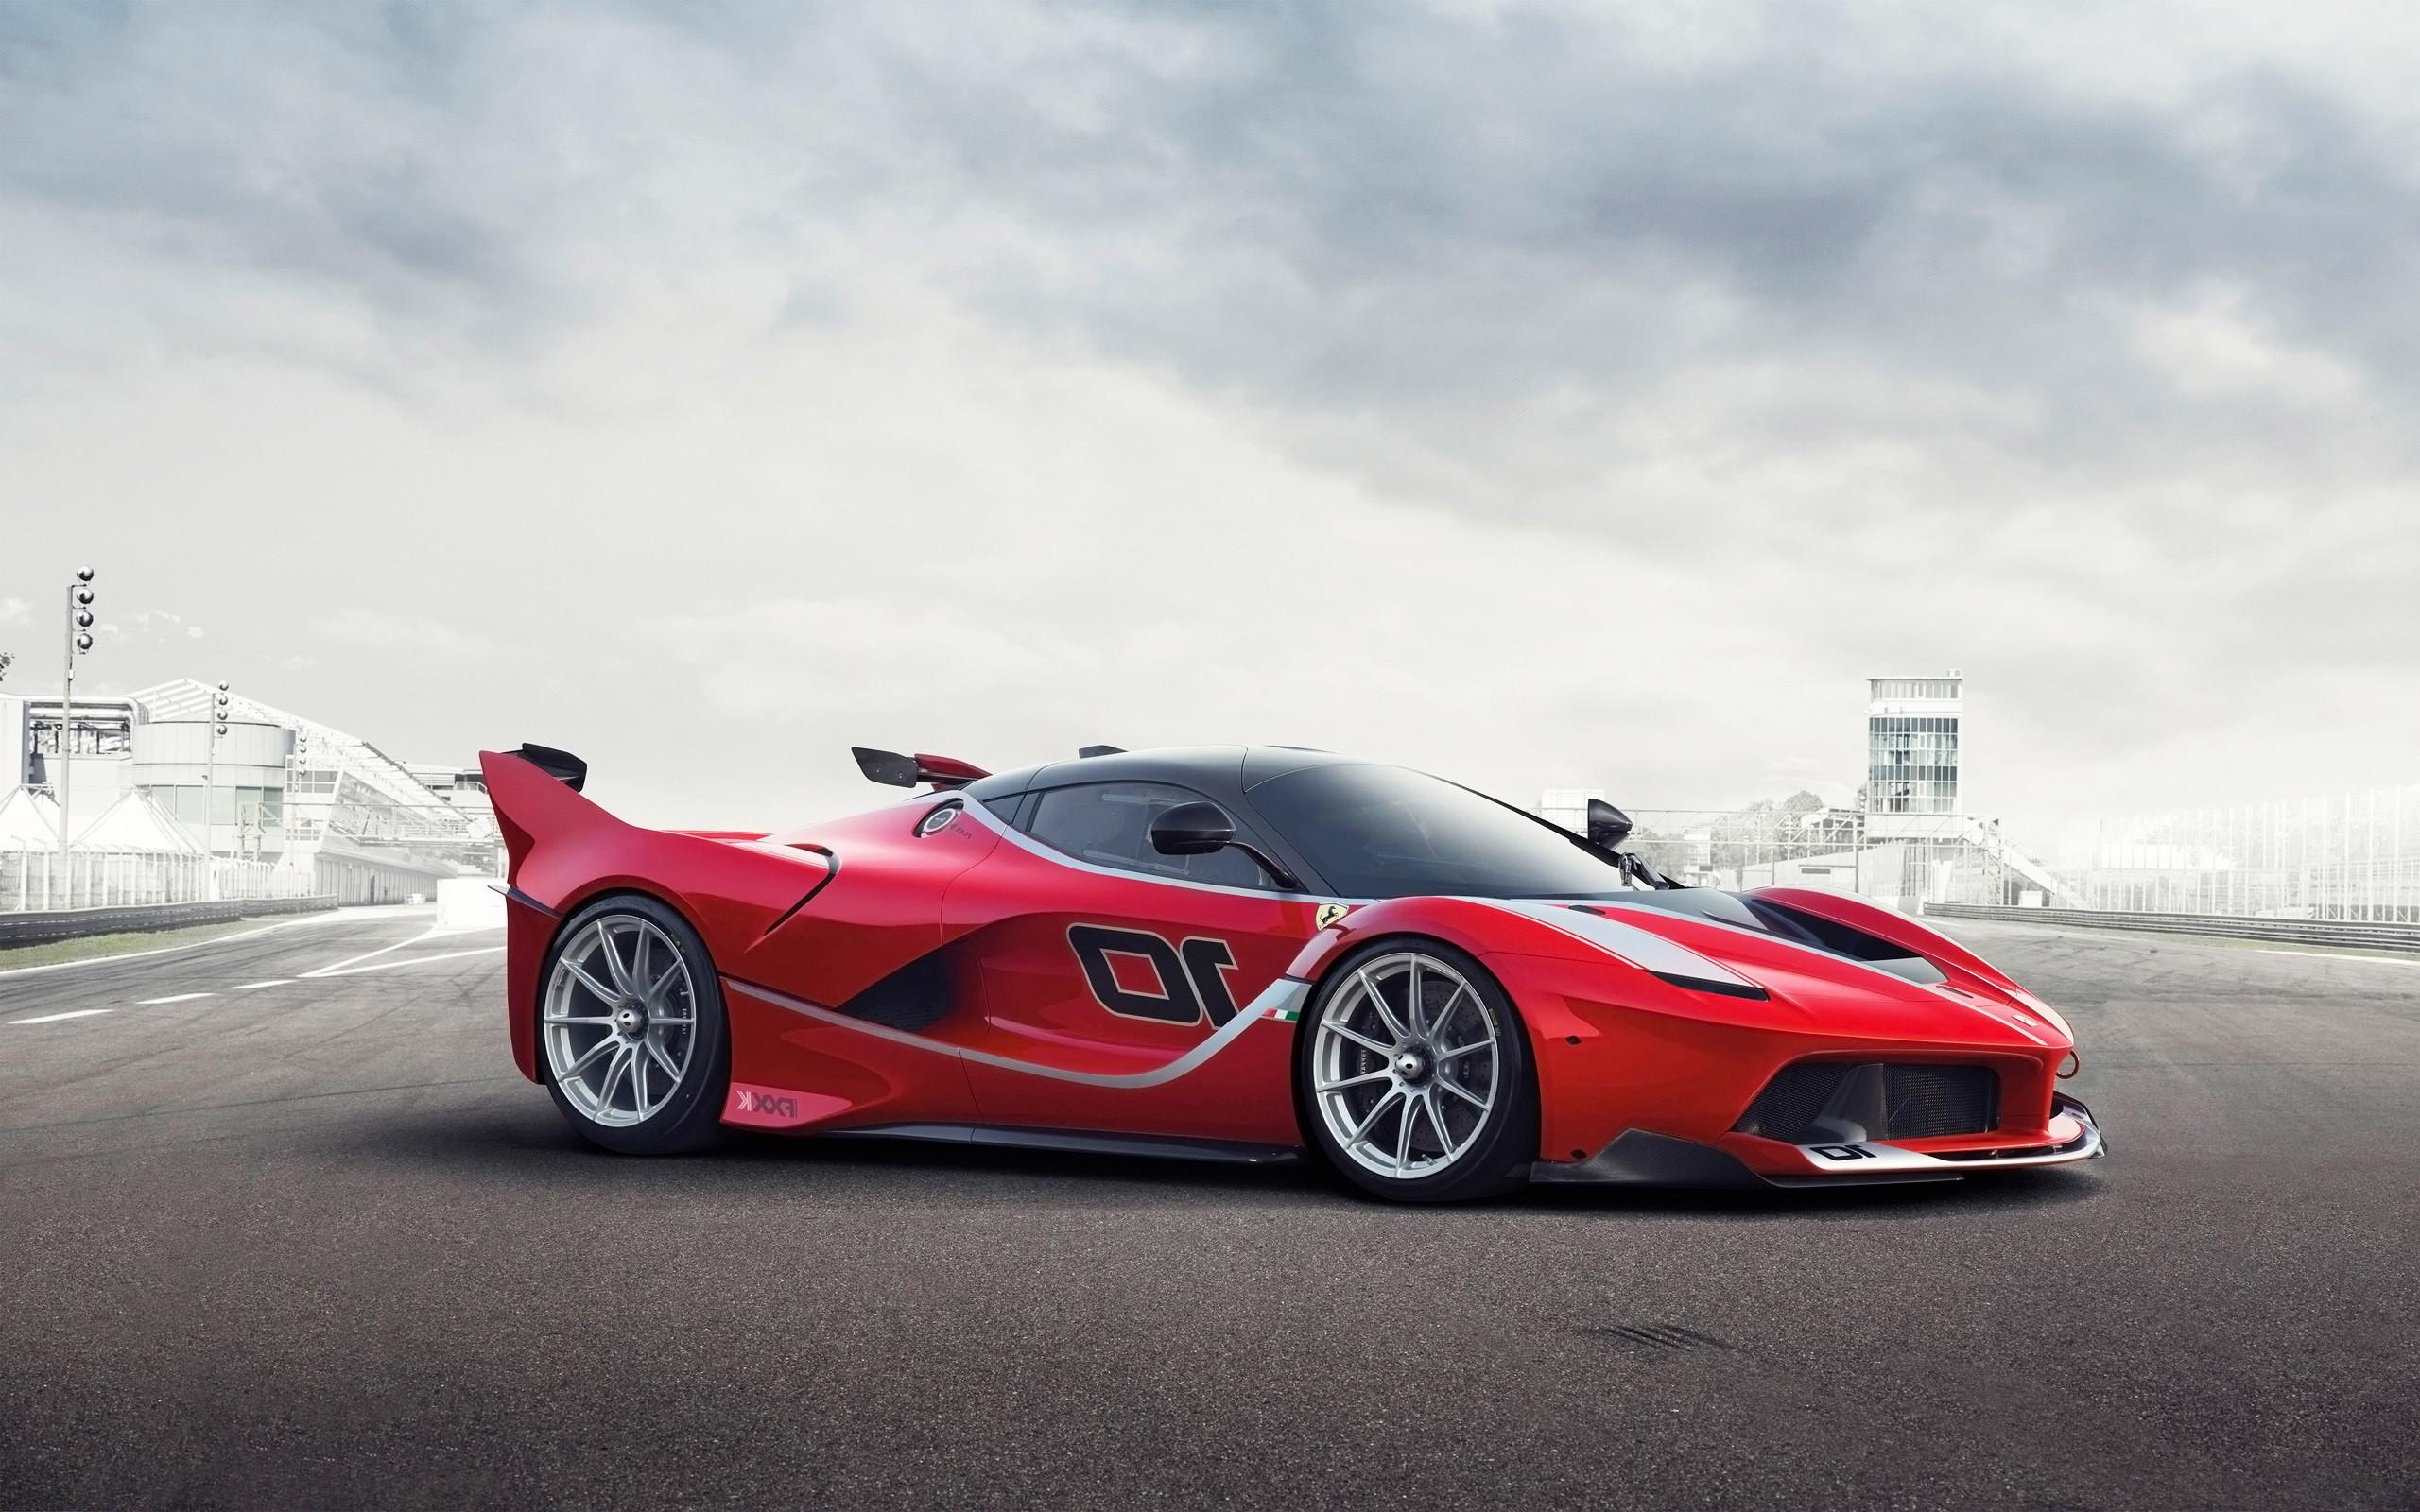 2048x1152 Ferrari FXX K 2048x1152 Resolution HD 4k ...